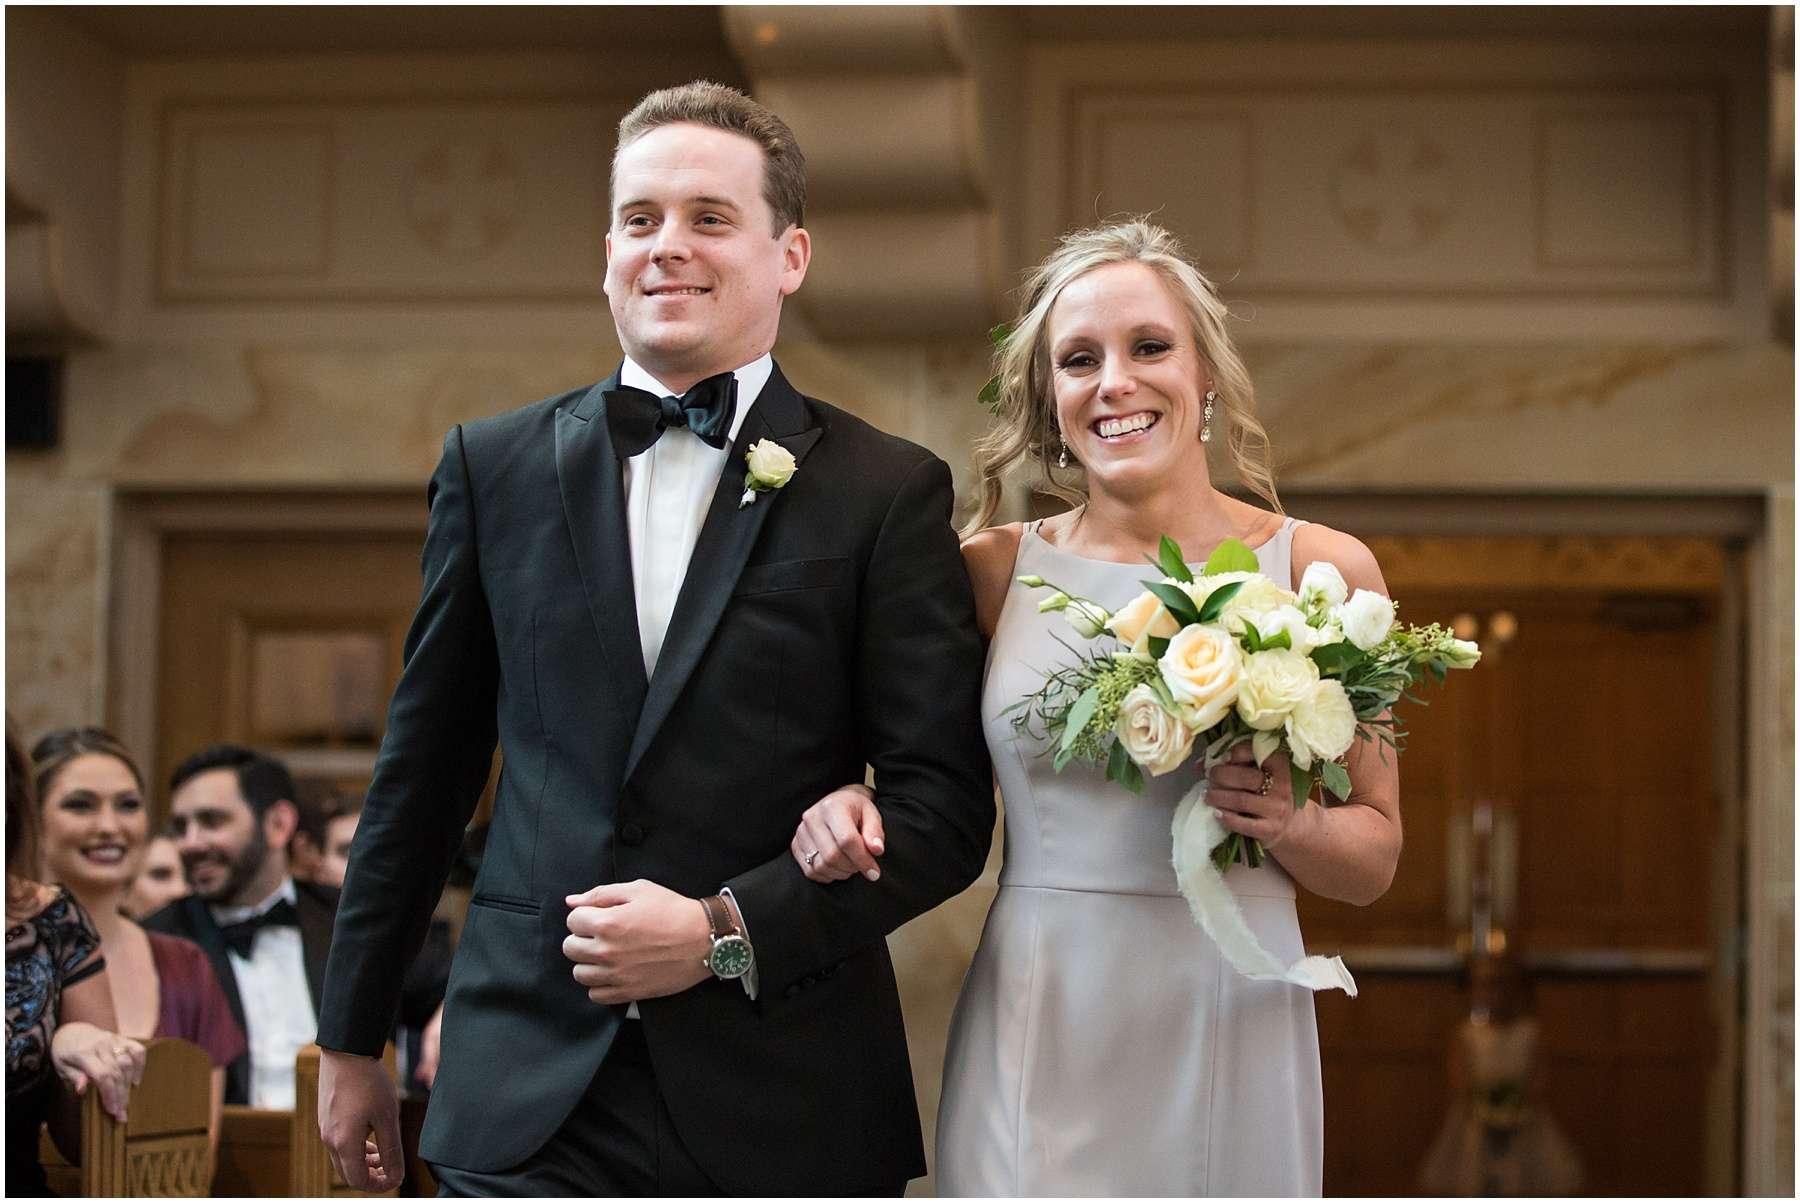 Wedding at the Ohio Statehouse | Columbus Ohio Weddings 74